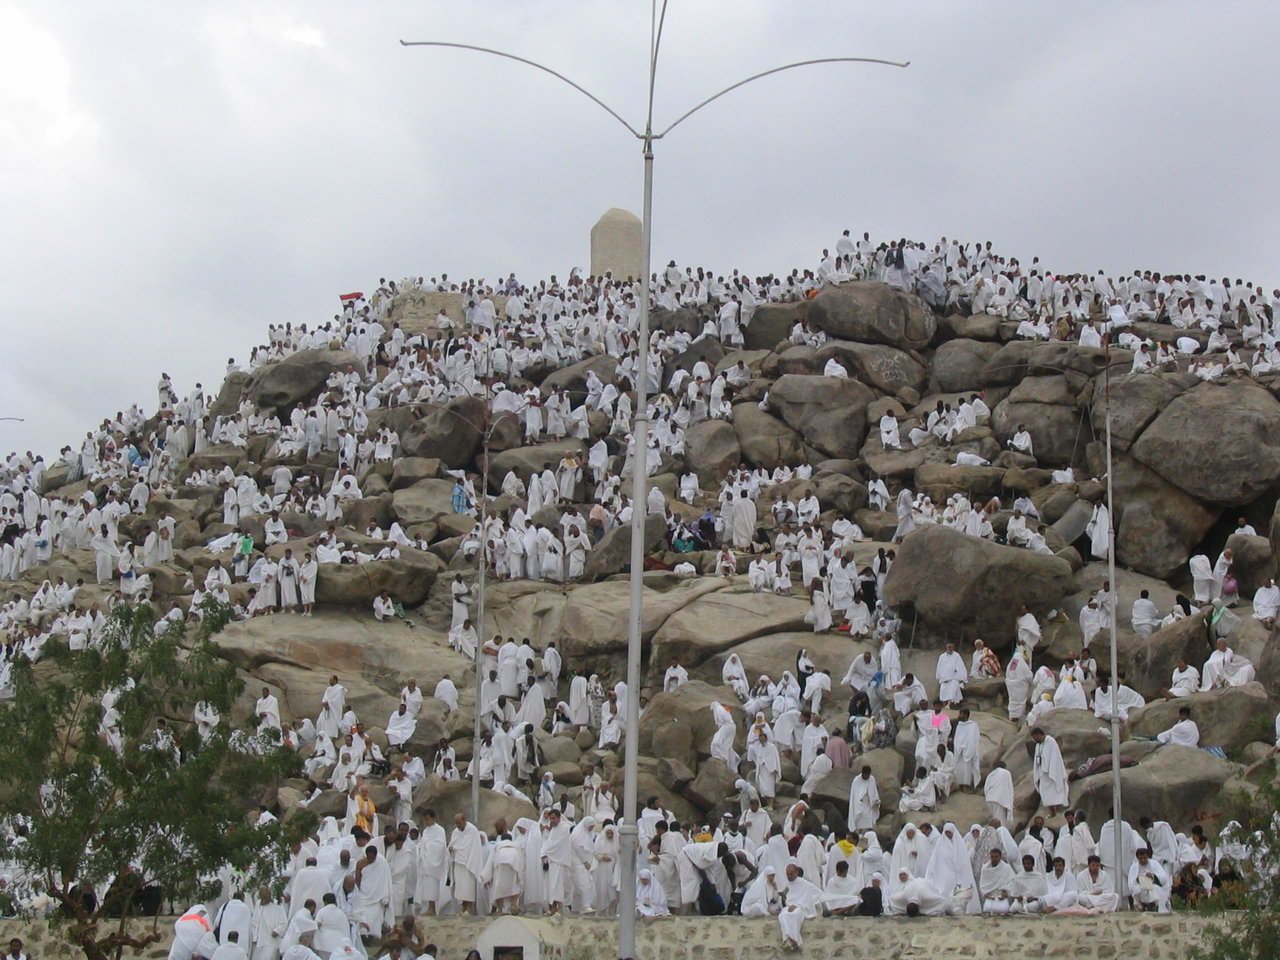 بالصور صور عن يوم عرفه , توضيح بالصور عن يوم عرفه 3475 10